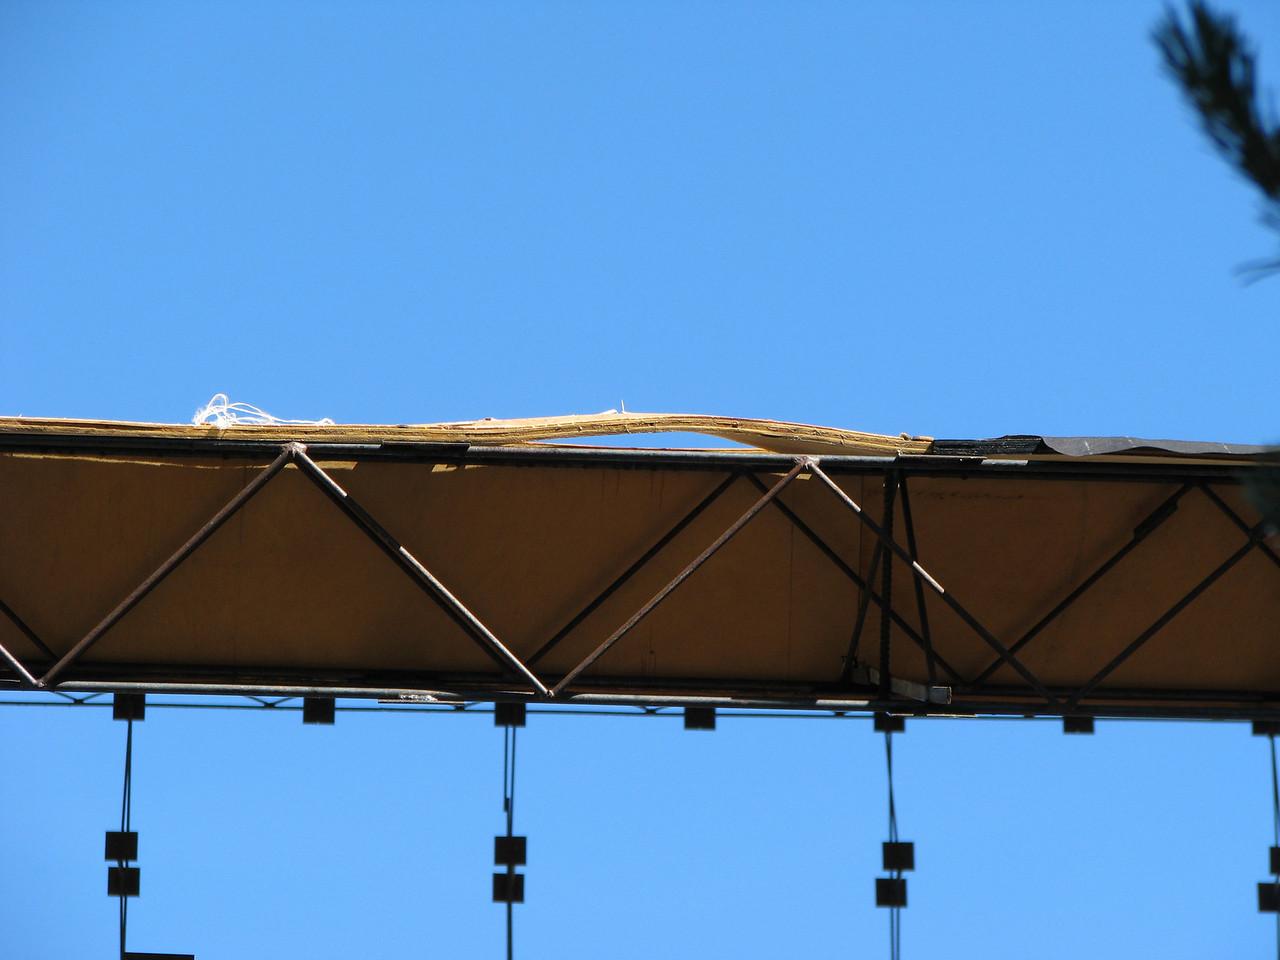 Lances_Roof-207